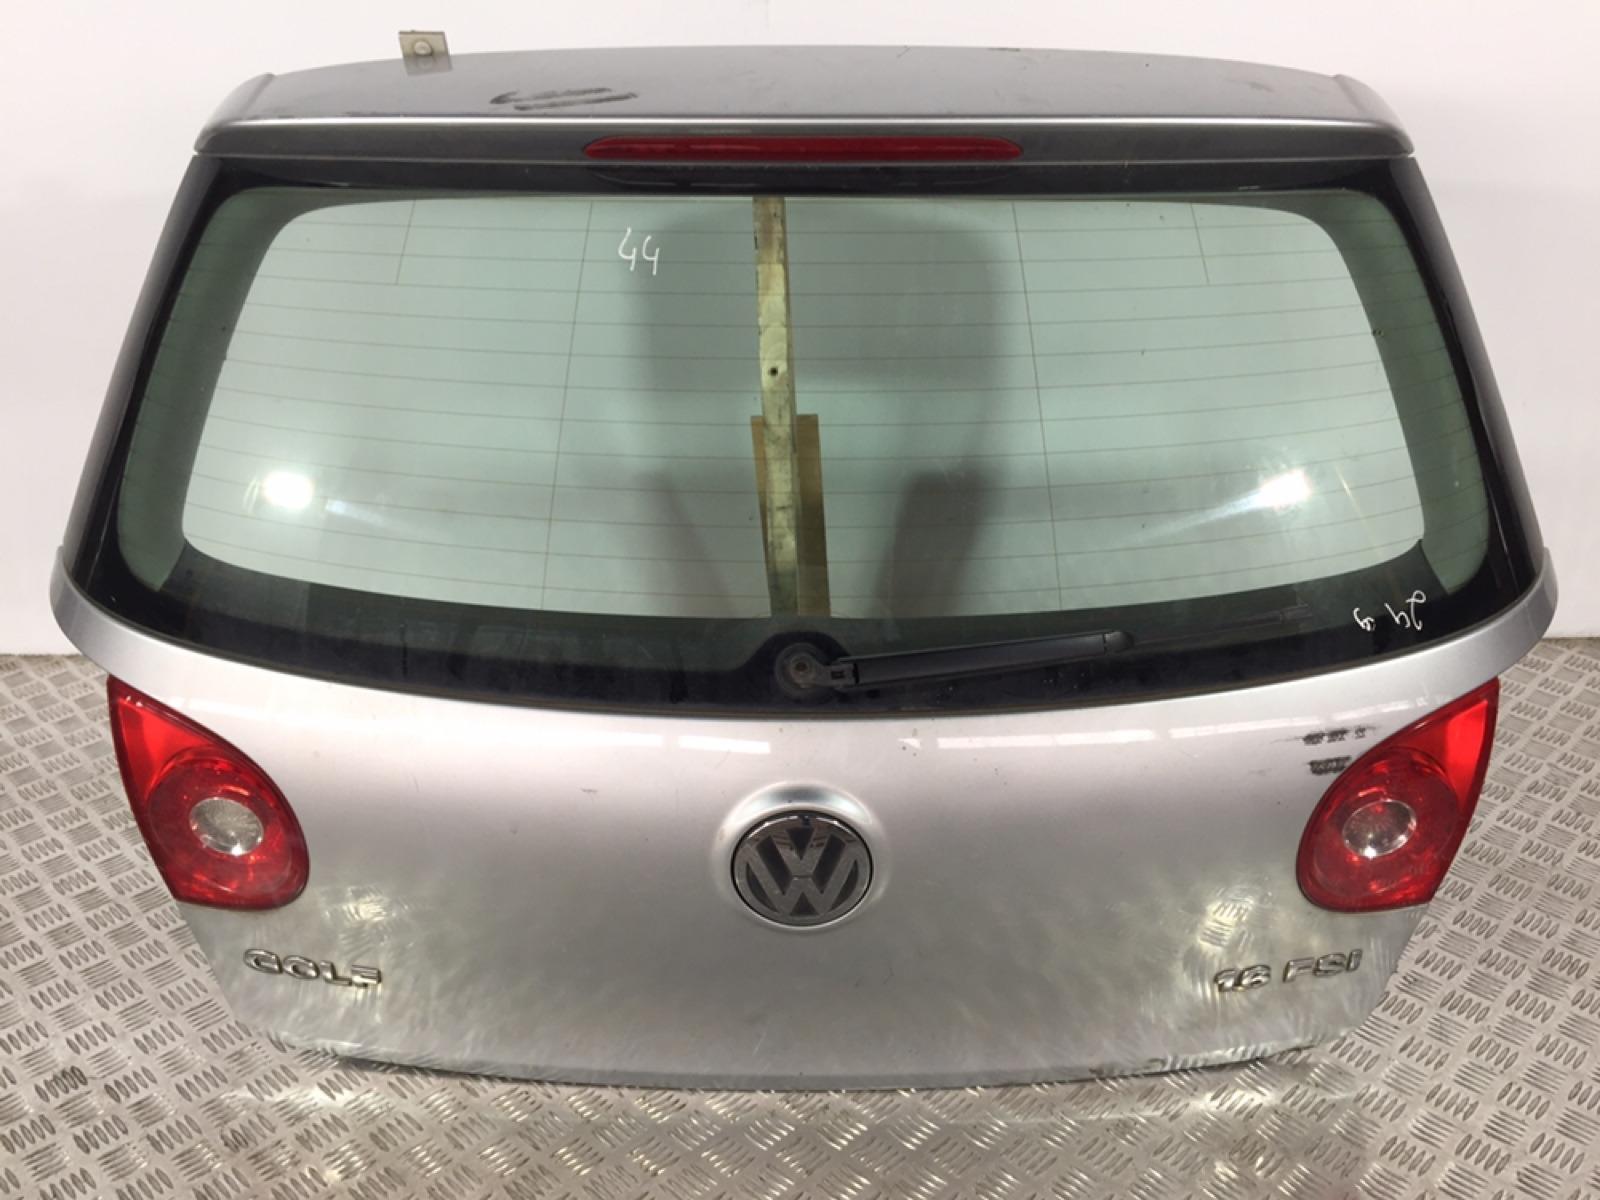 Моторчик заднего стеклоочистителя (дворника) Volkswagen Golf 5 1.6 FSI 2006 (б/у)